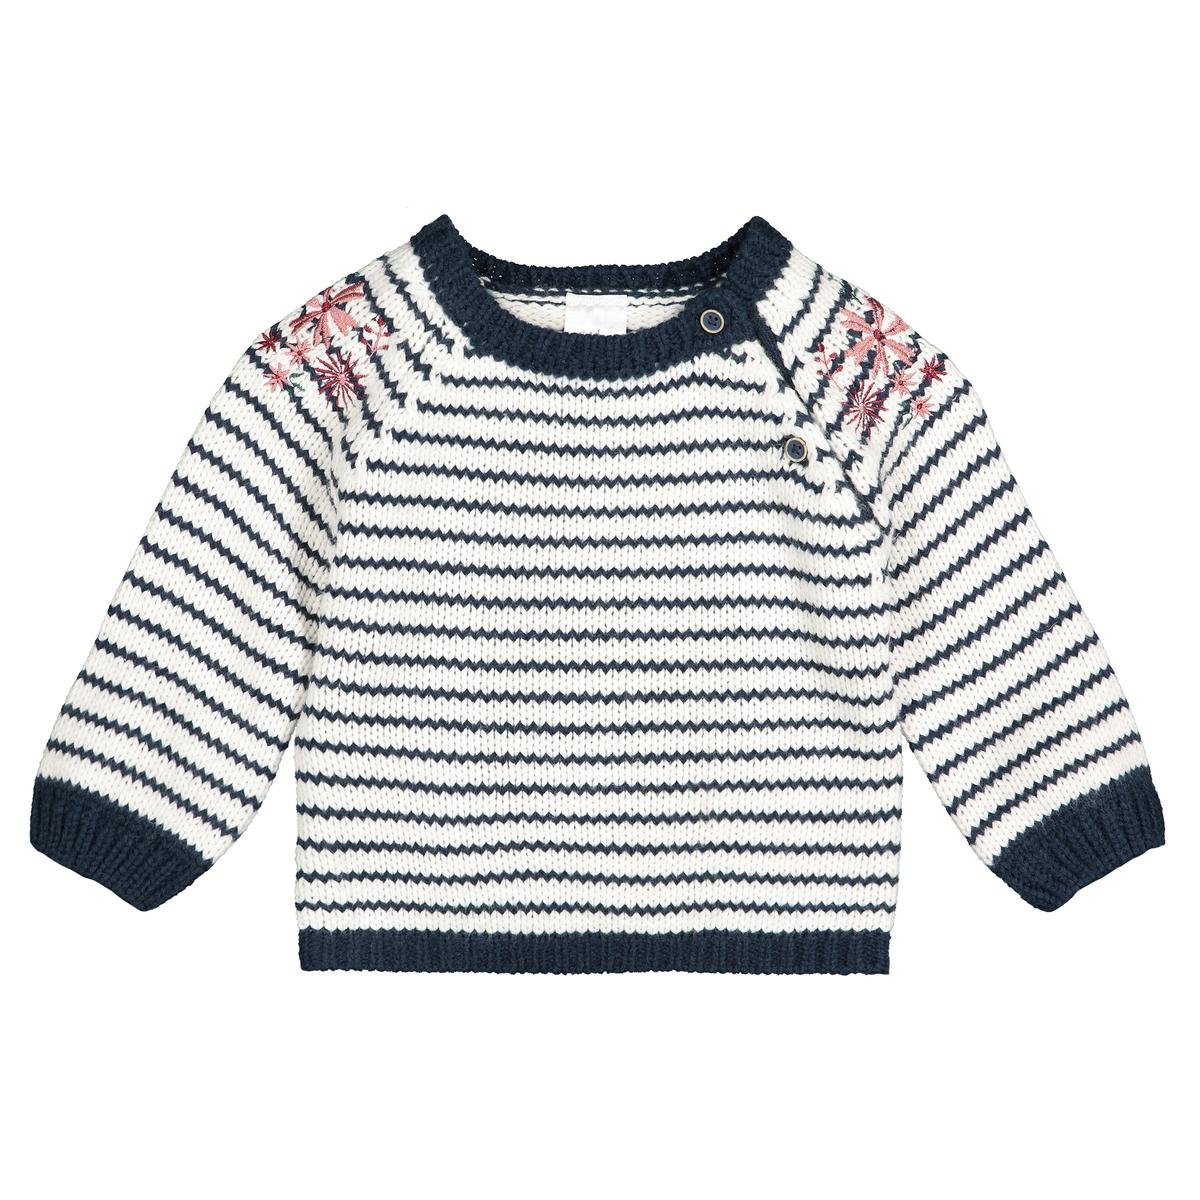 Пуловер-тельняшка La Redoute С вышивкой и круглым вырезом мес- года 1 мес. - 54 см другие шорты с вышивкой 1 мес 3 года